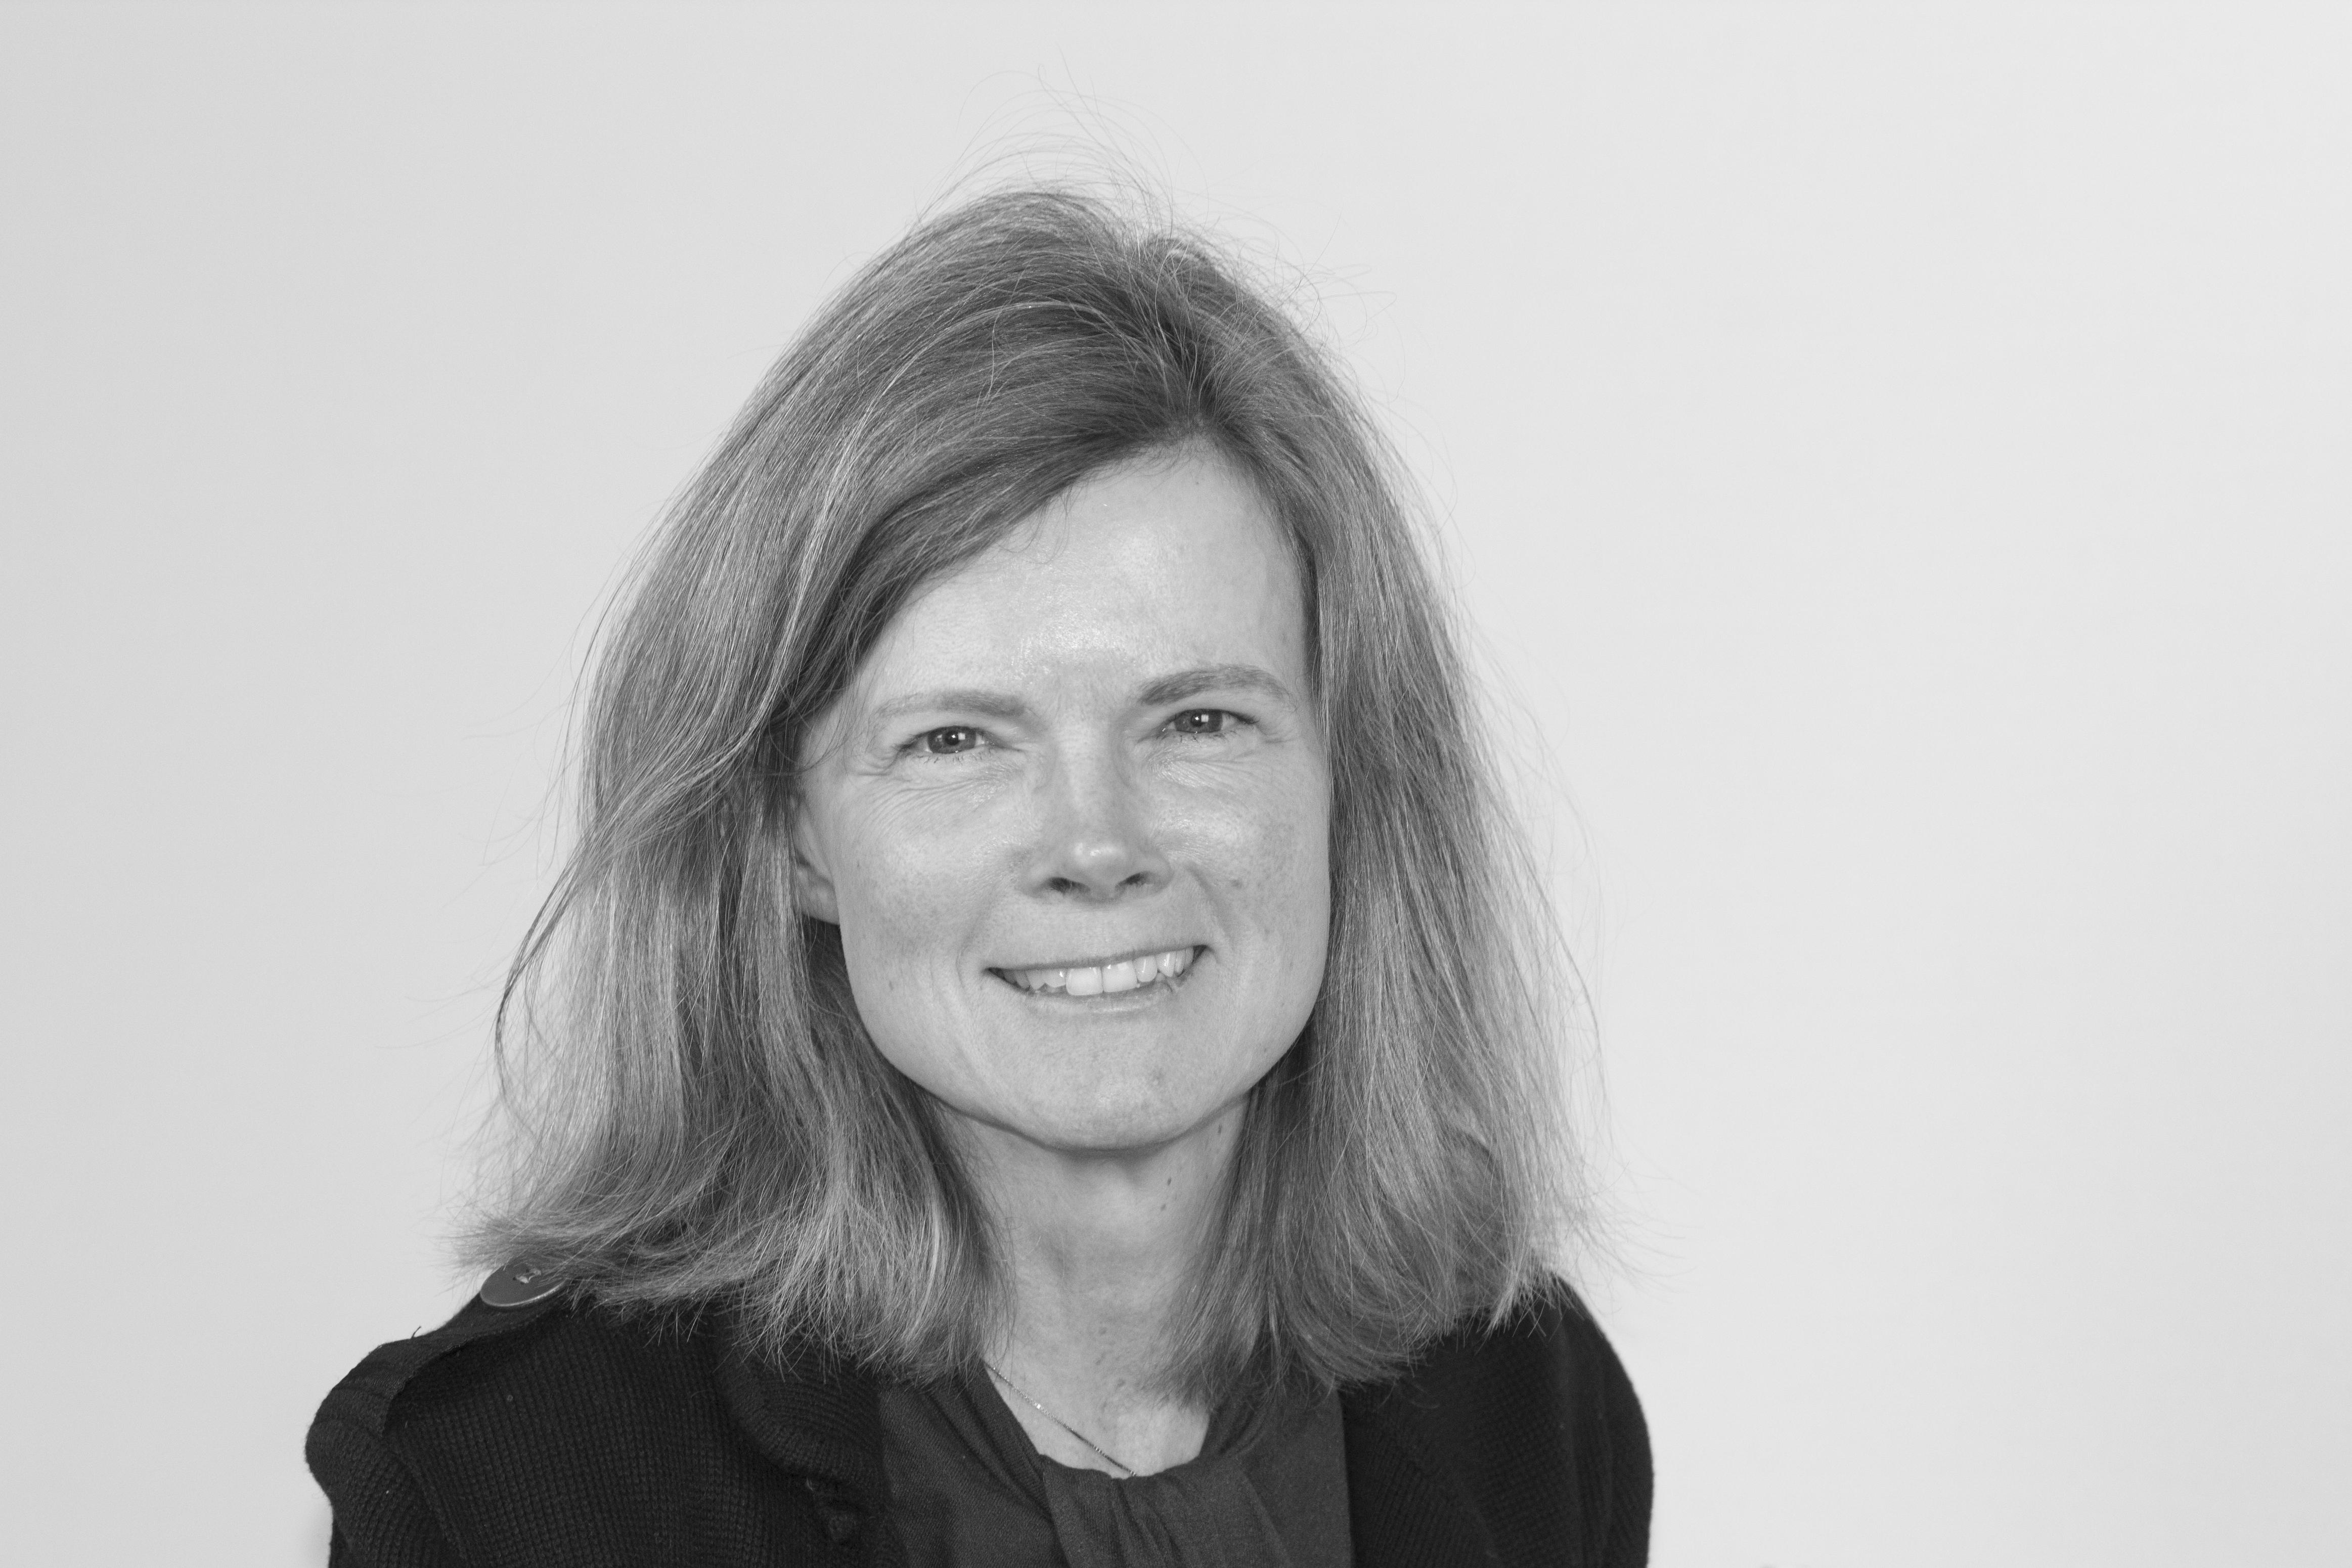 Catharina Rosenquist